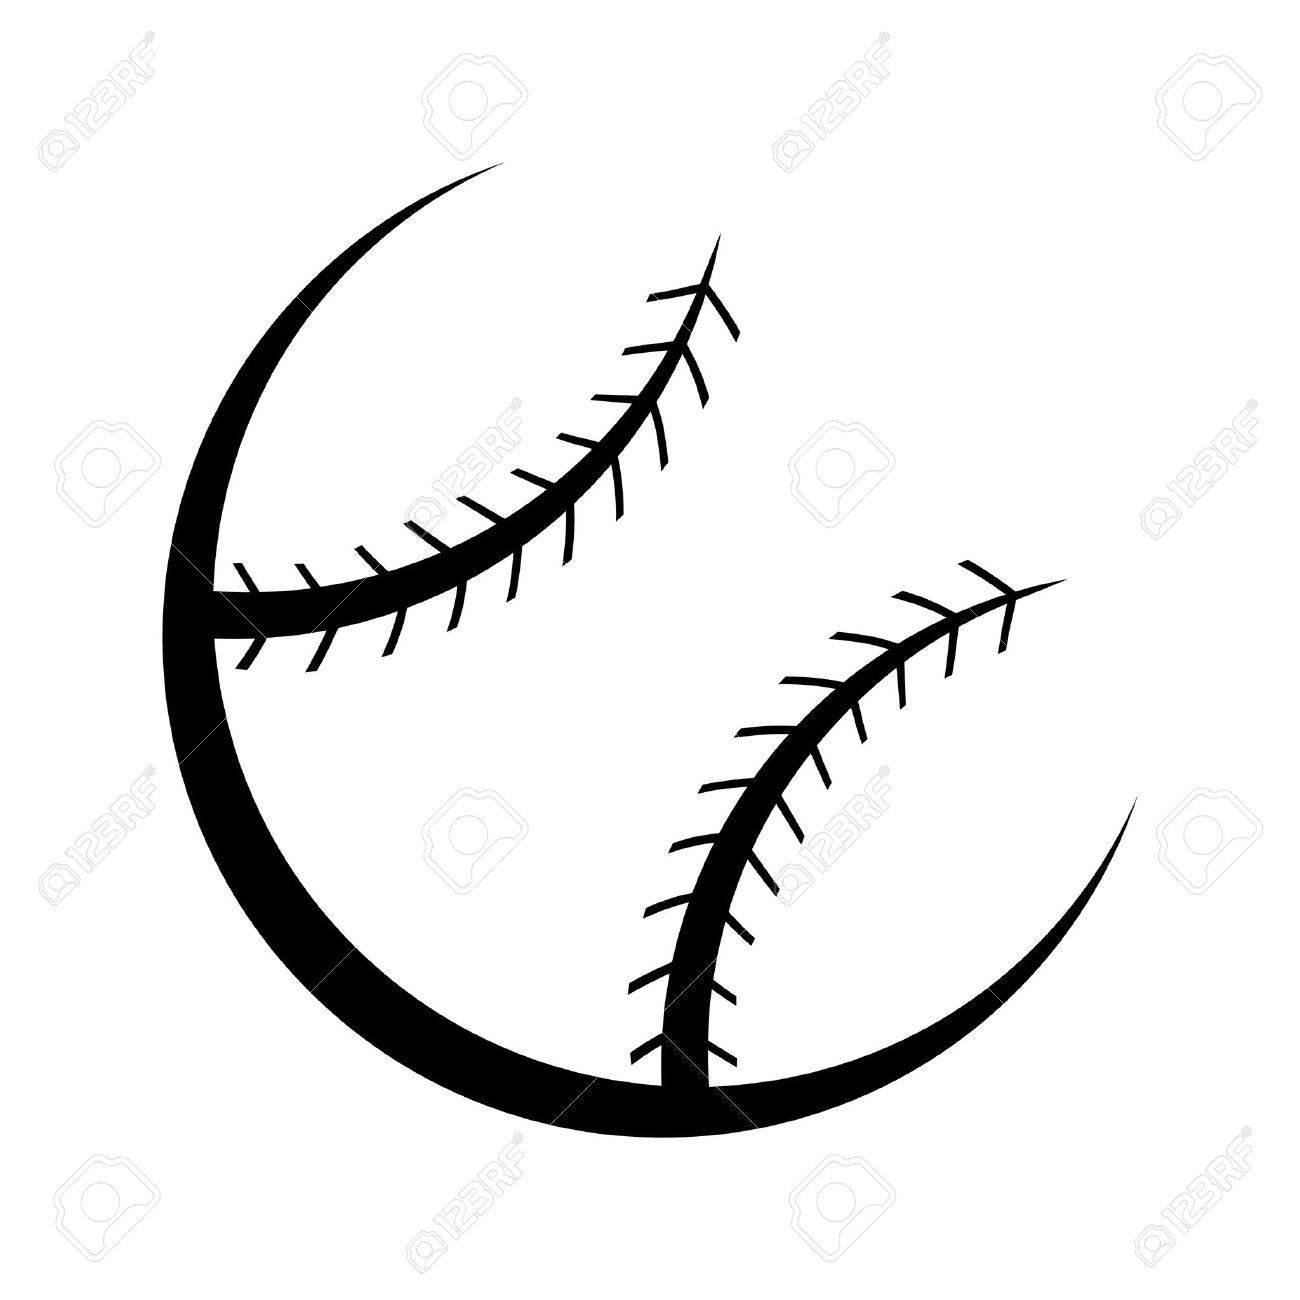 baseball vector icon royalty free cliparts vectors and stock rh 123rf com baseball vector clipart baseball vector images